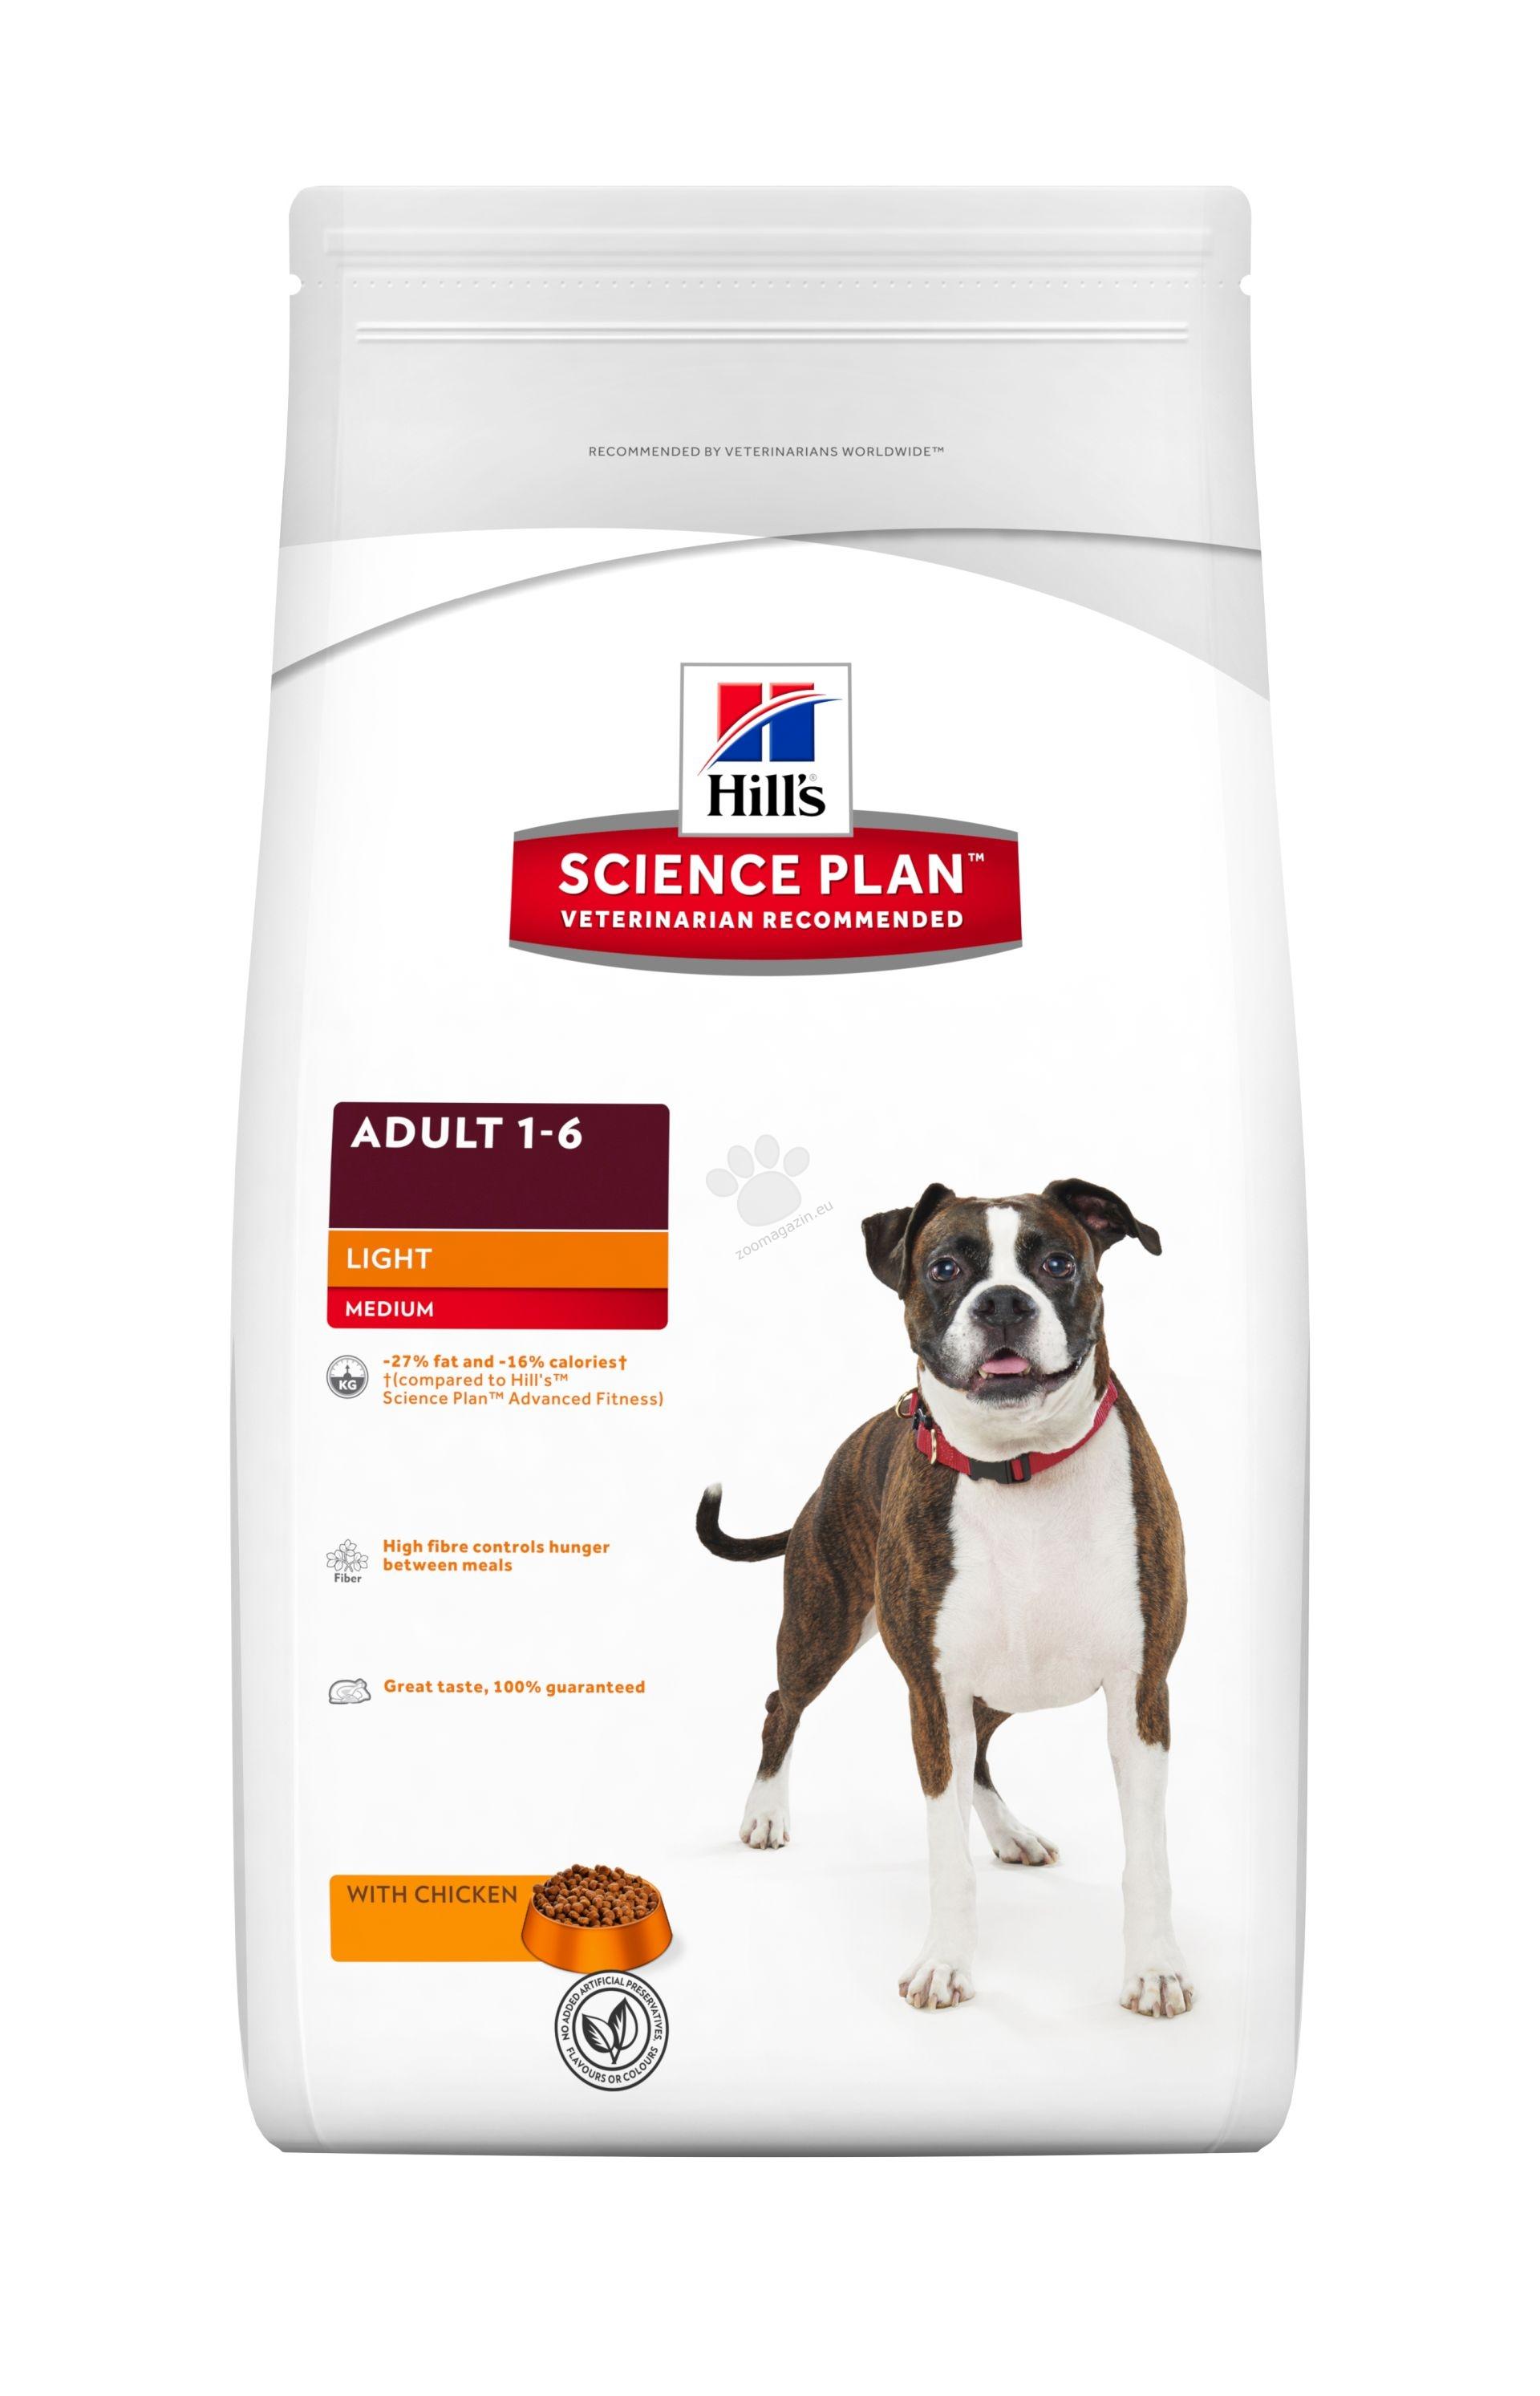 Science Plan Canine Adult Light Chicken - Кучета от средни породи 10 - 25 кг, с понижени енергийни нужди, на възраст от 1 до 7 години (например кучета с ниска физическа активност, кастрирани или със склонност към натрупване на наднормено тегло) 3 кг.